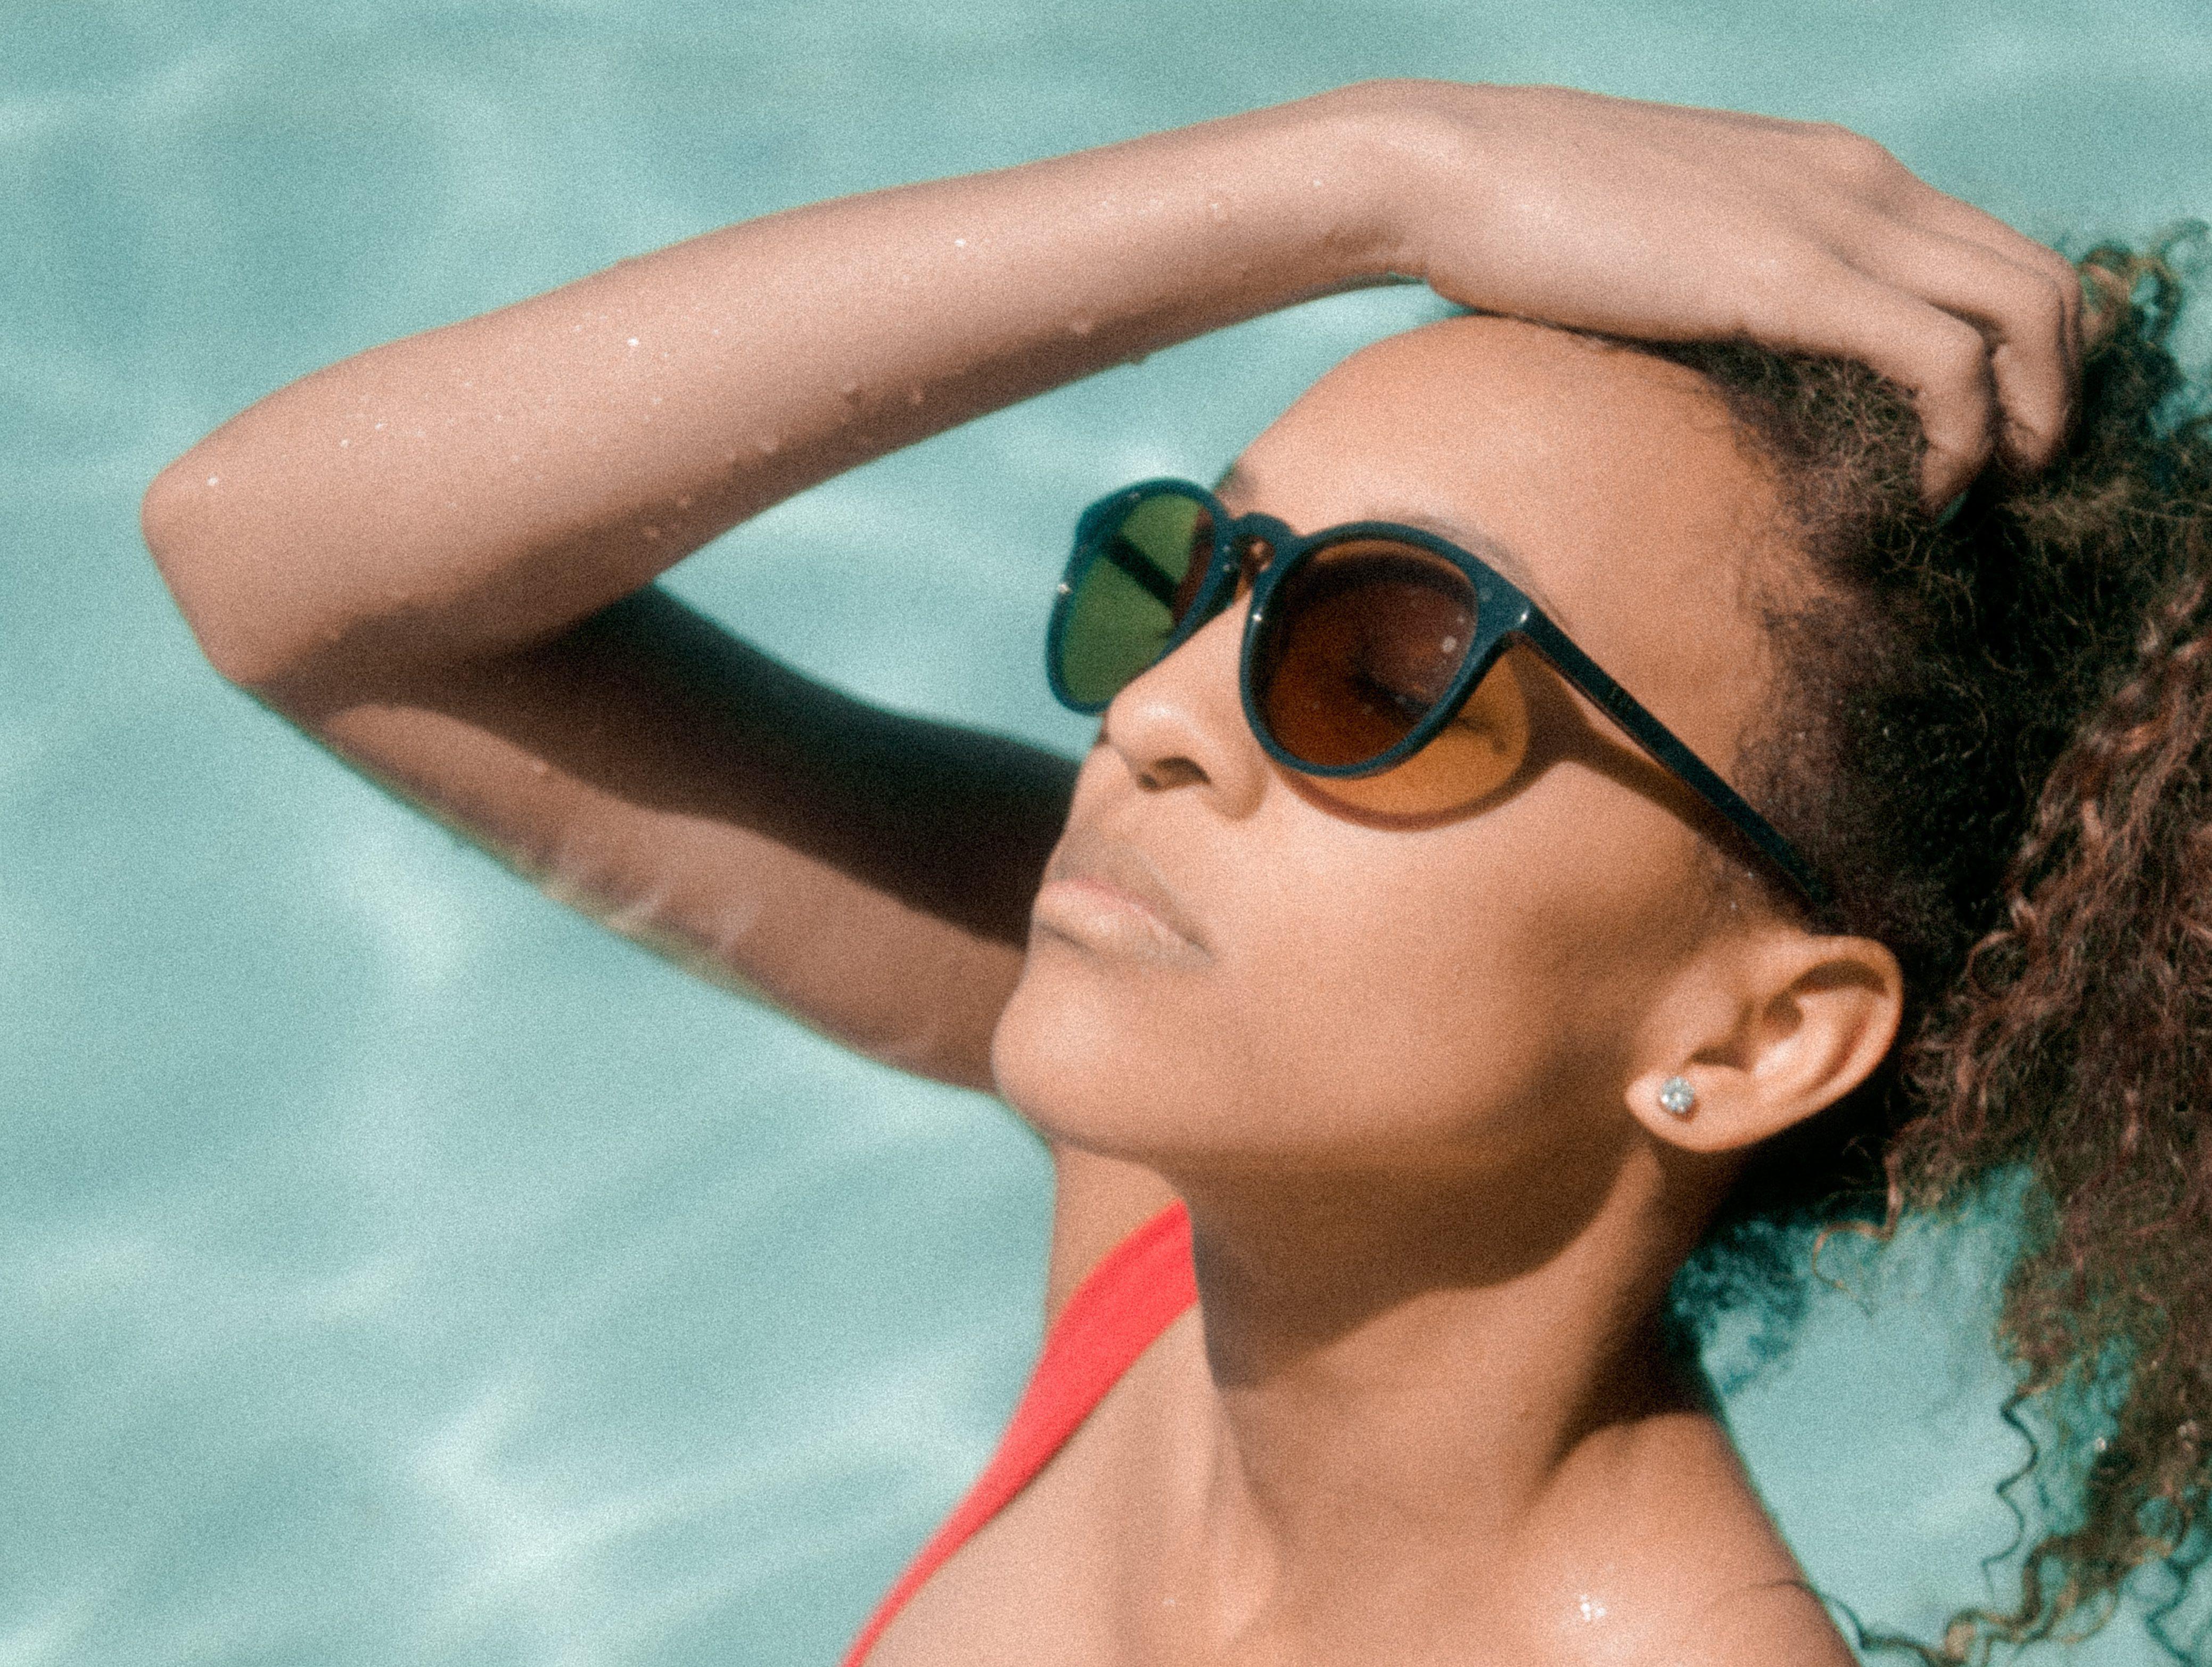 Cabelo cacheado: como cuidar dos cachos depois da piscina